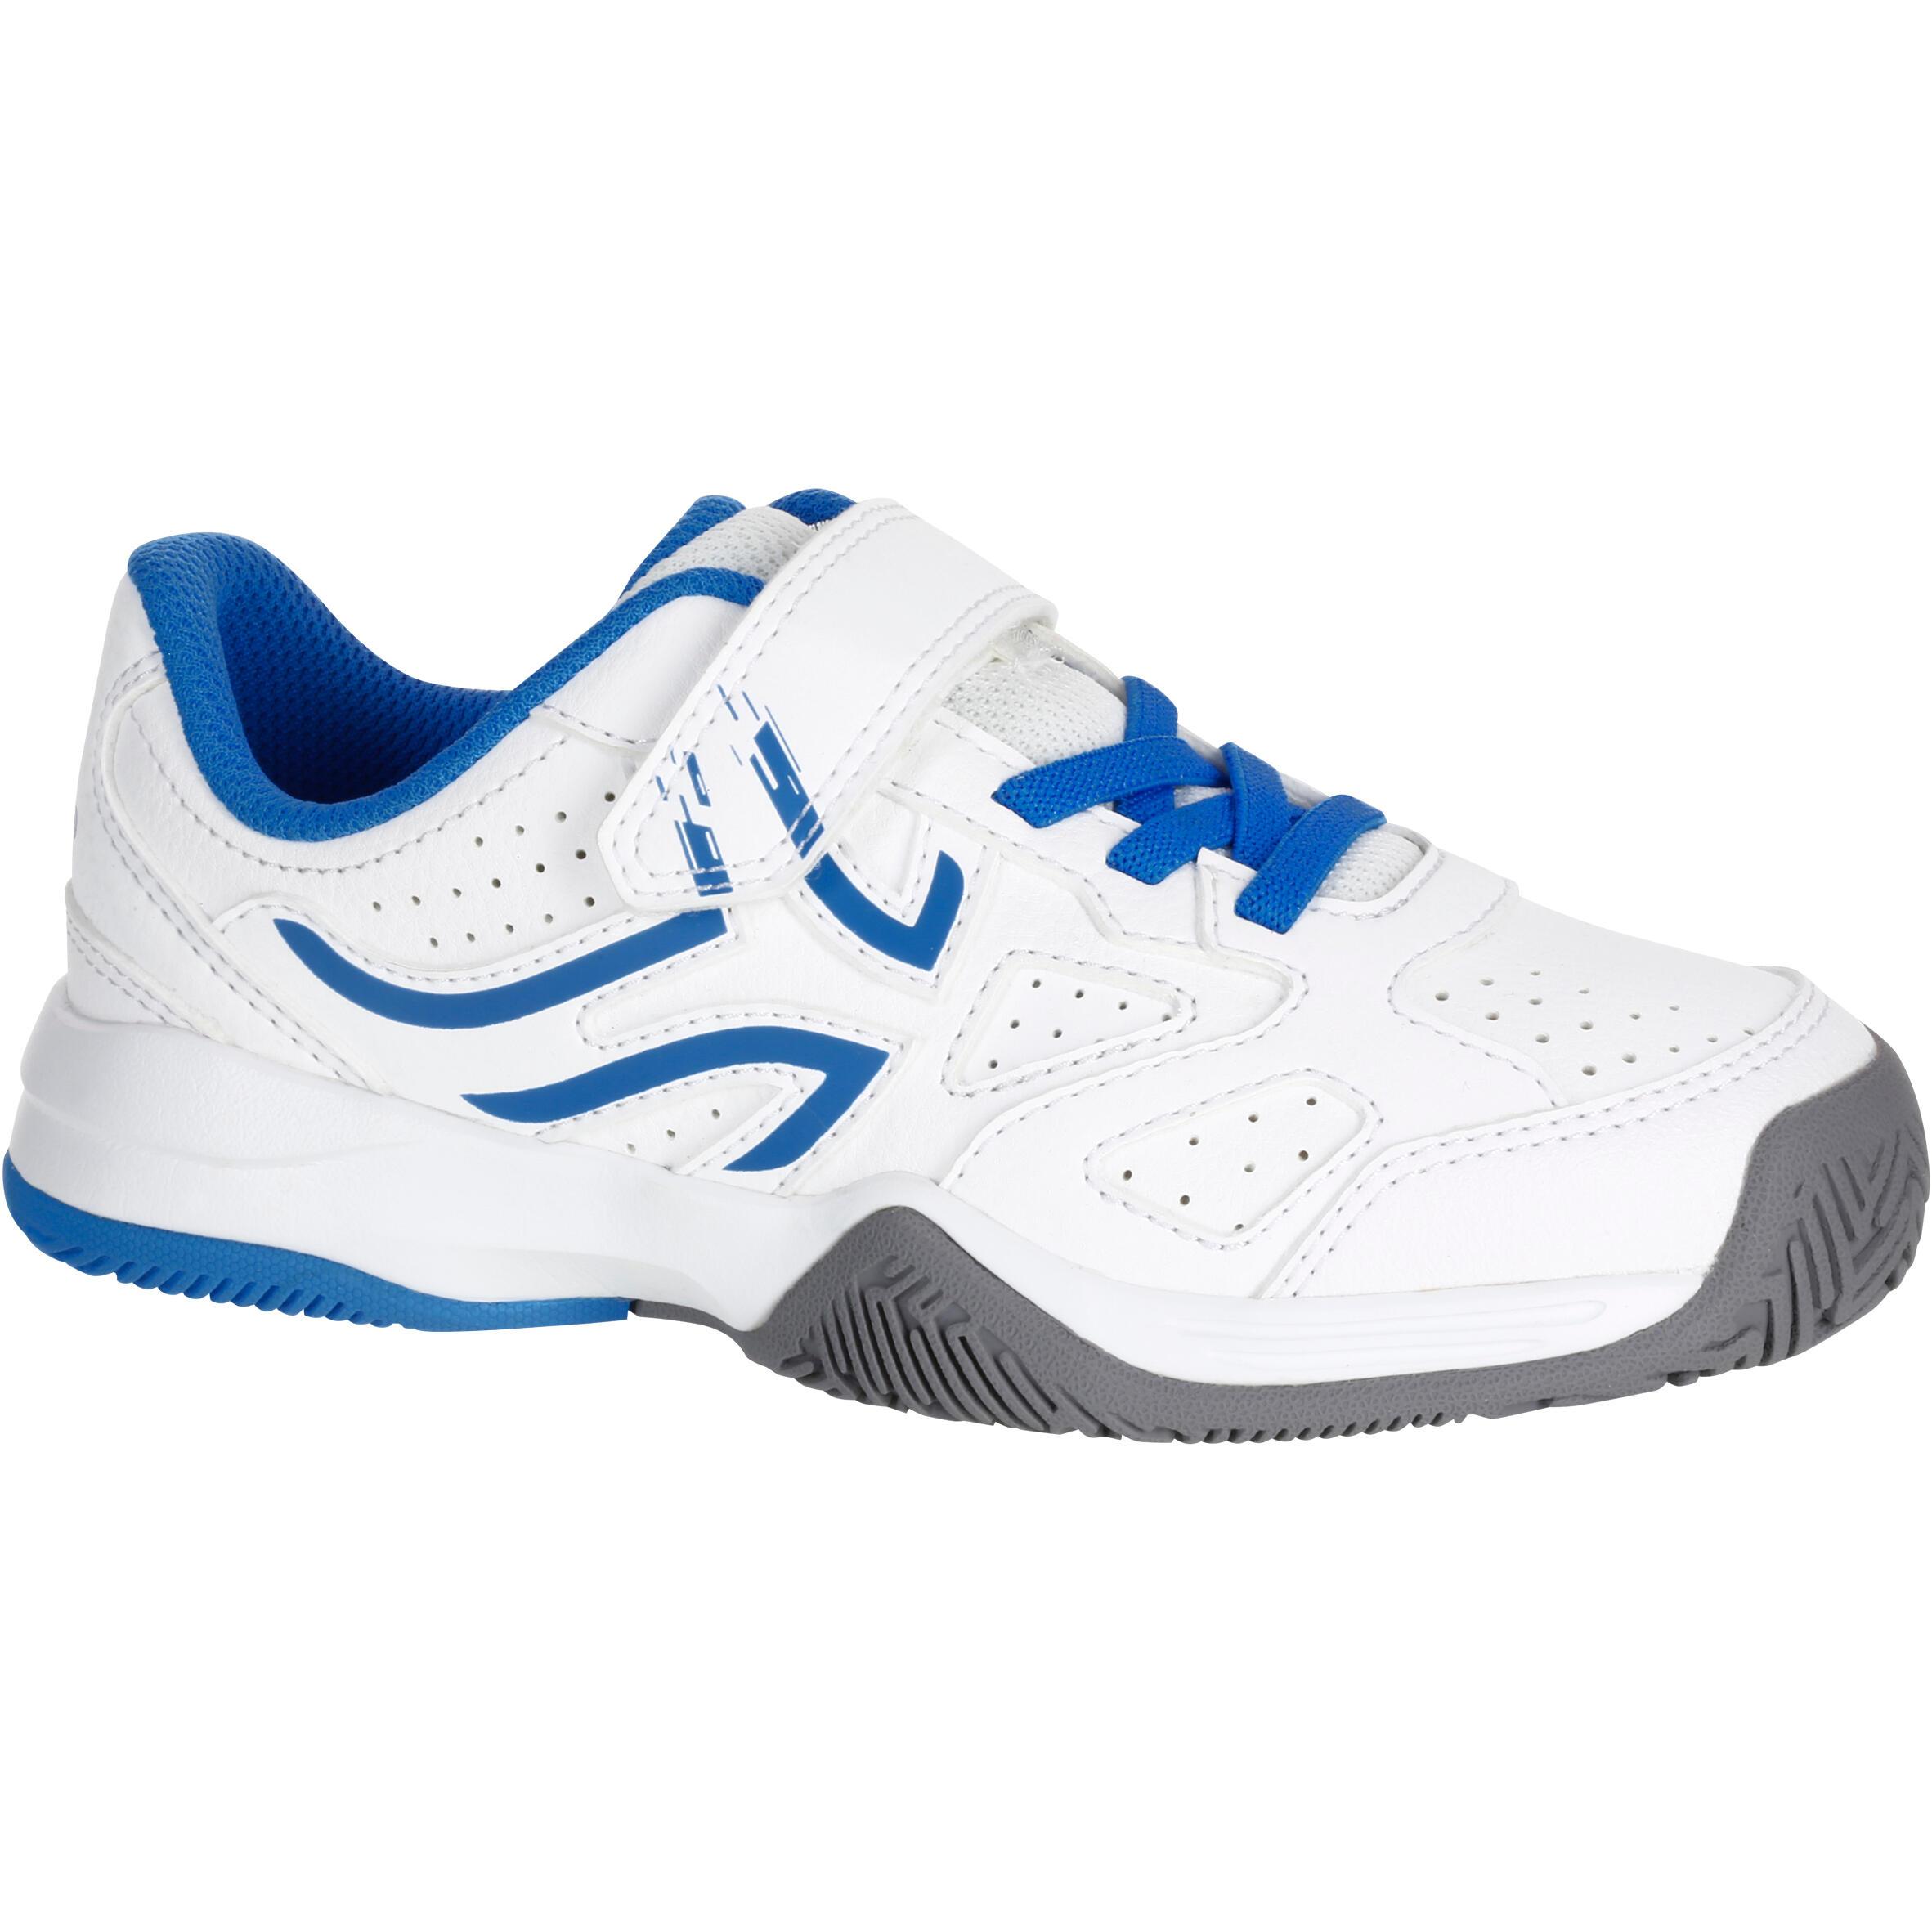 Artengo Tennisschoenen voor kinderen Artengo TS530 wit blauw